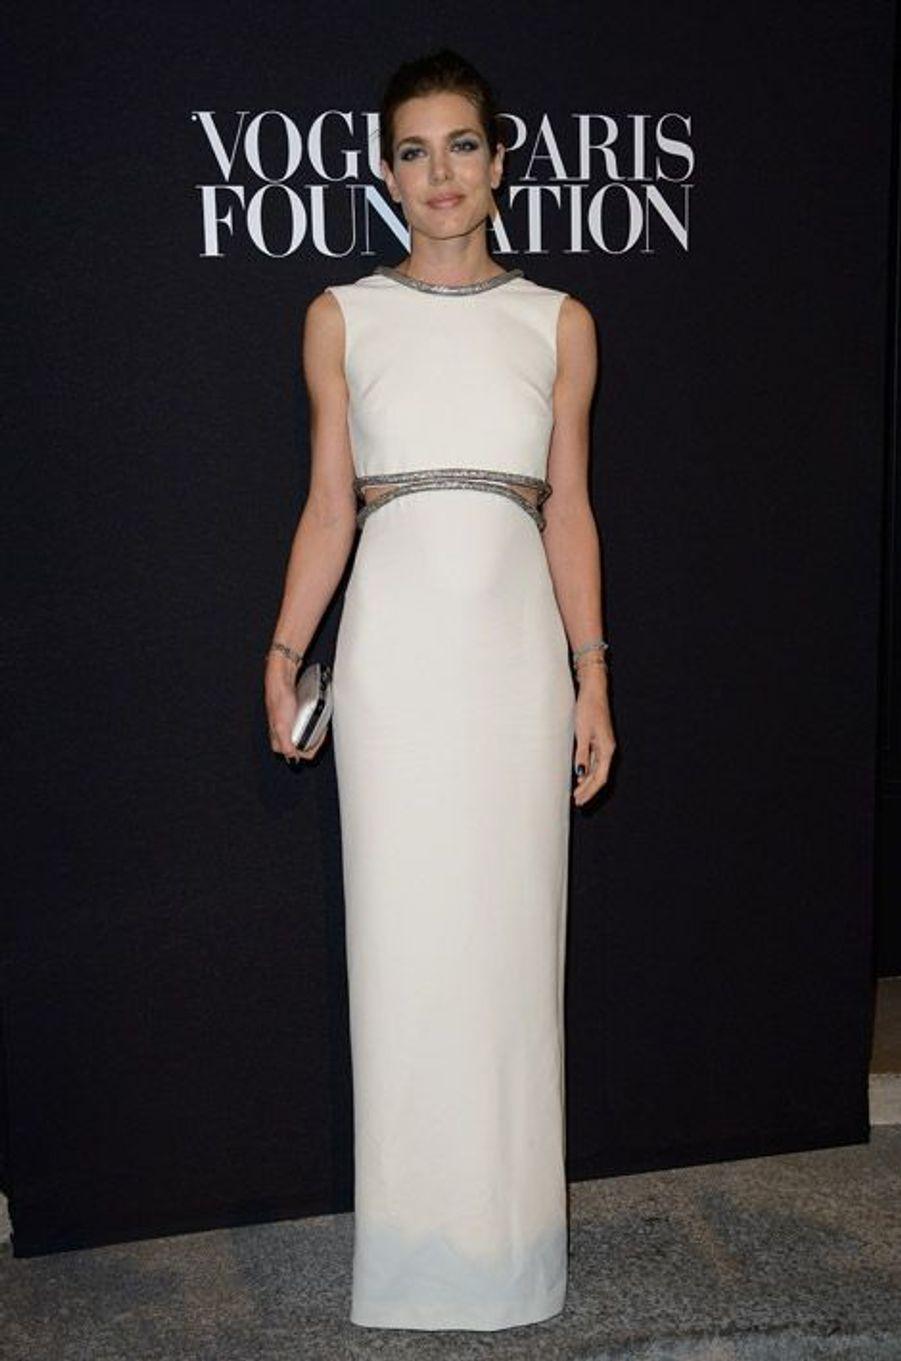 La princesse Charlotte Casiraghi en Gucci au gala de la fondation Vogue à Paris, le 9 juillet 2014